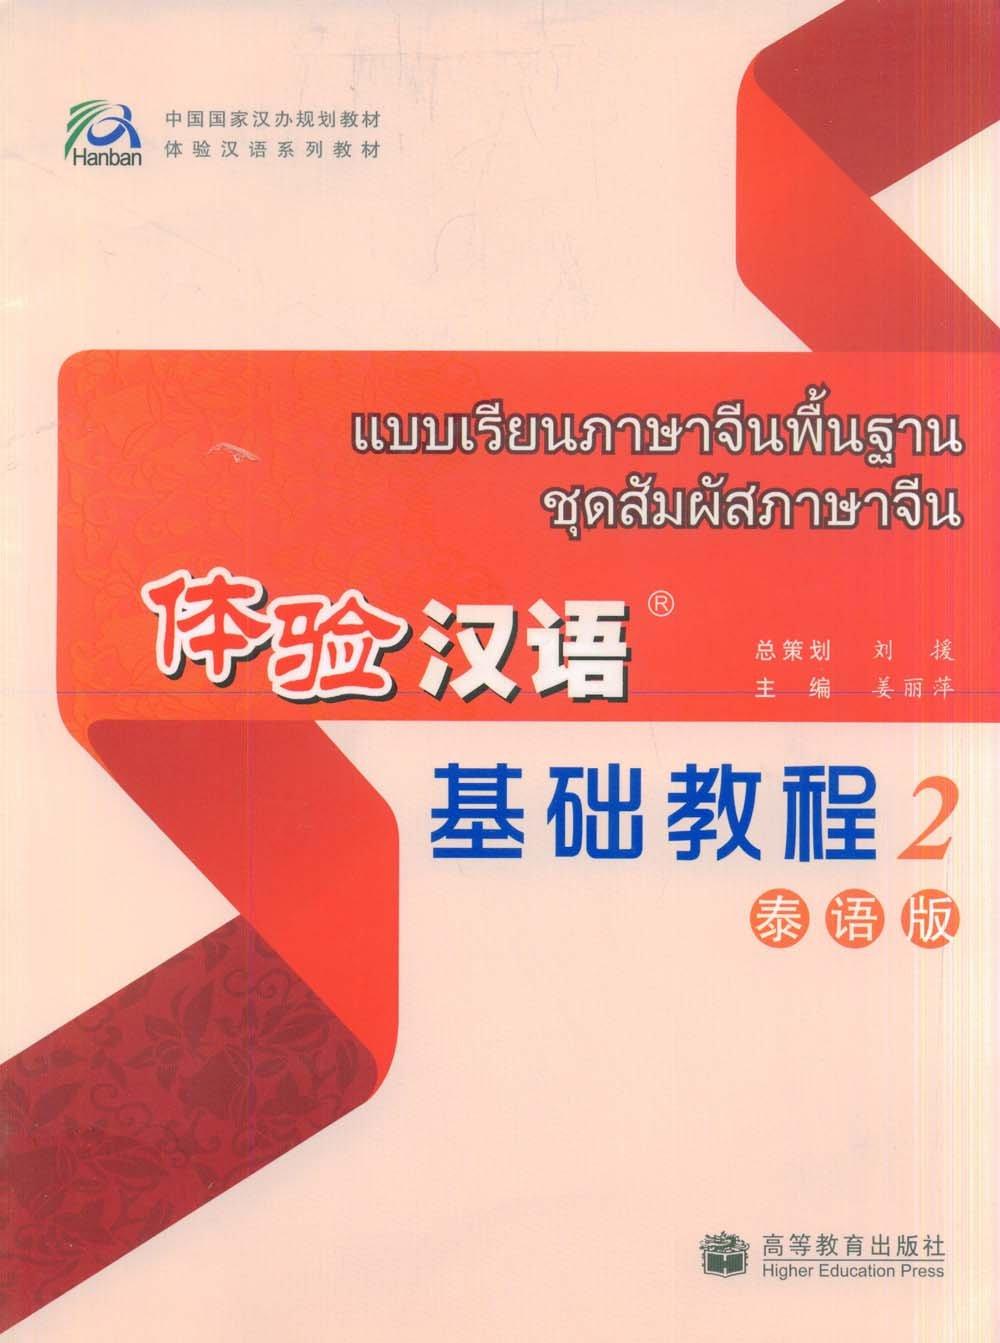 แบบเรียนภาษาจีนพื้นฐาน-ชุดสัมผัสภาษาจีน 2+CD